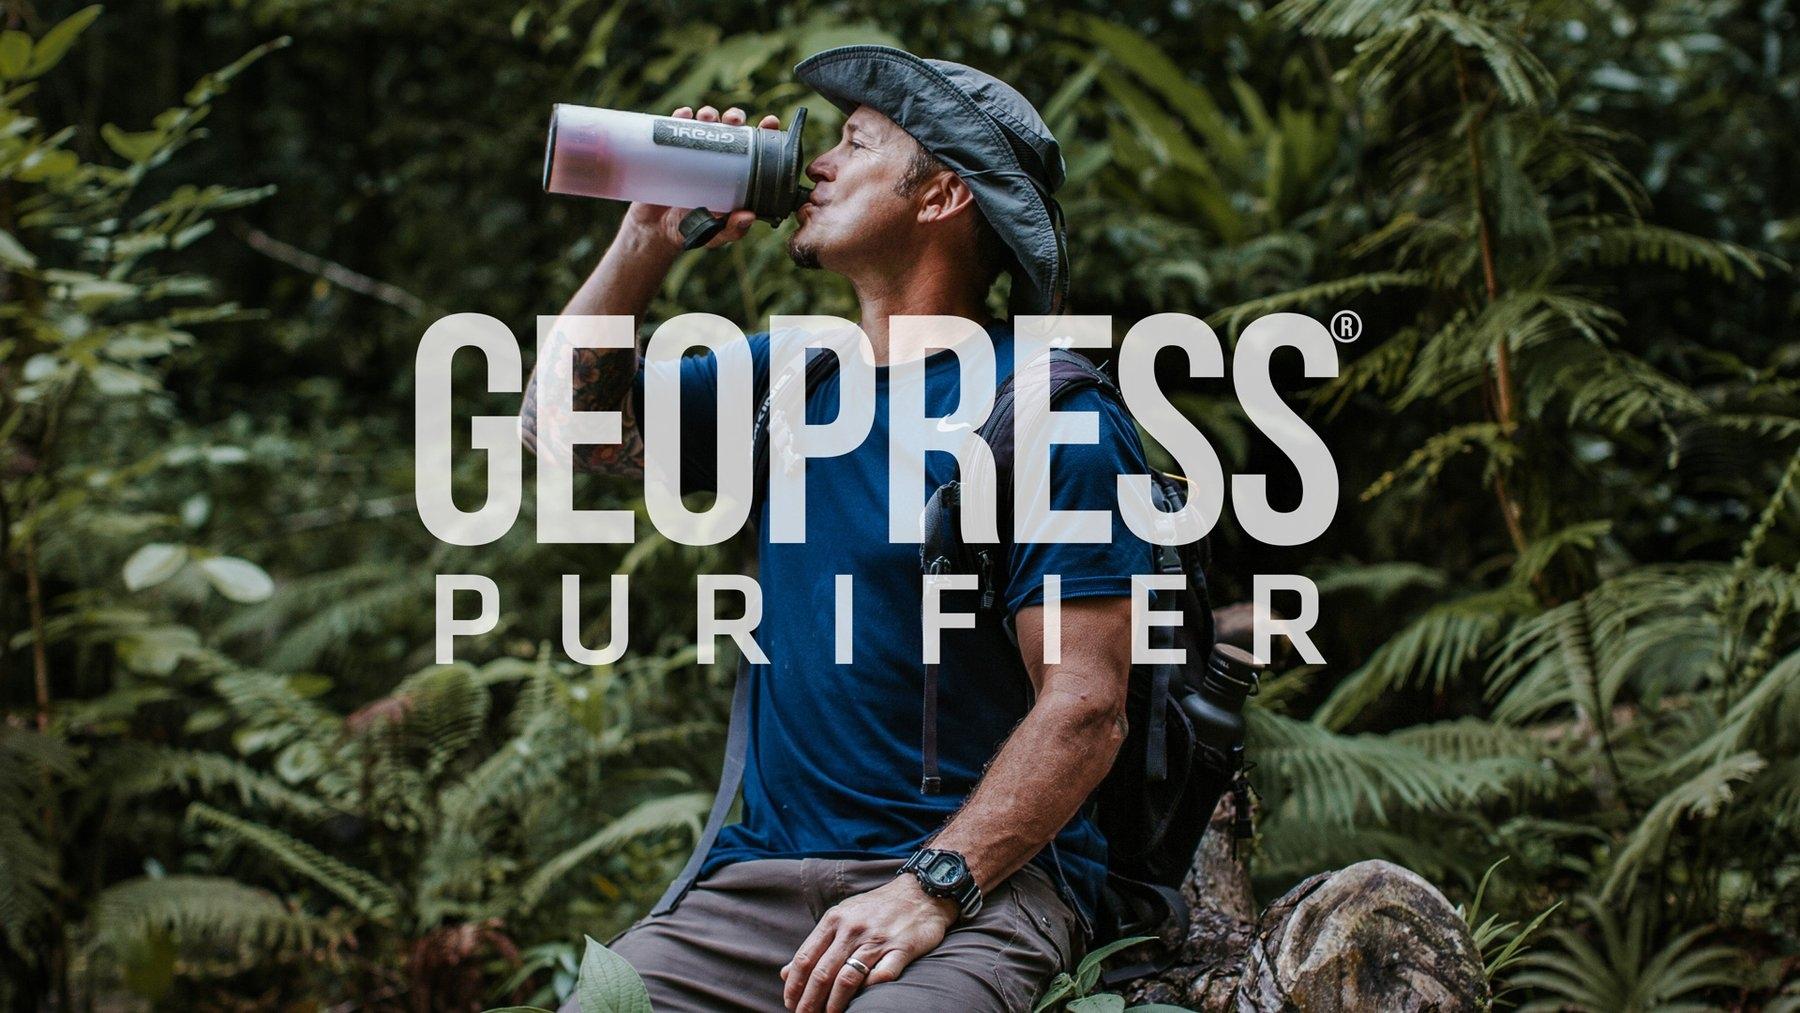 A BAC best seller - Grayl Geopress Water Purifier